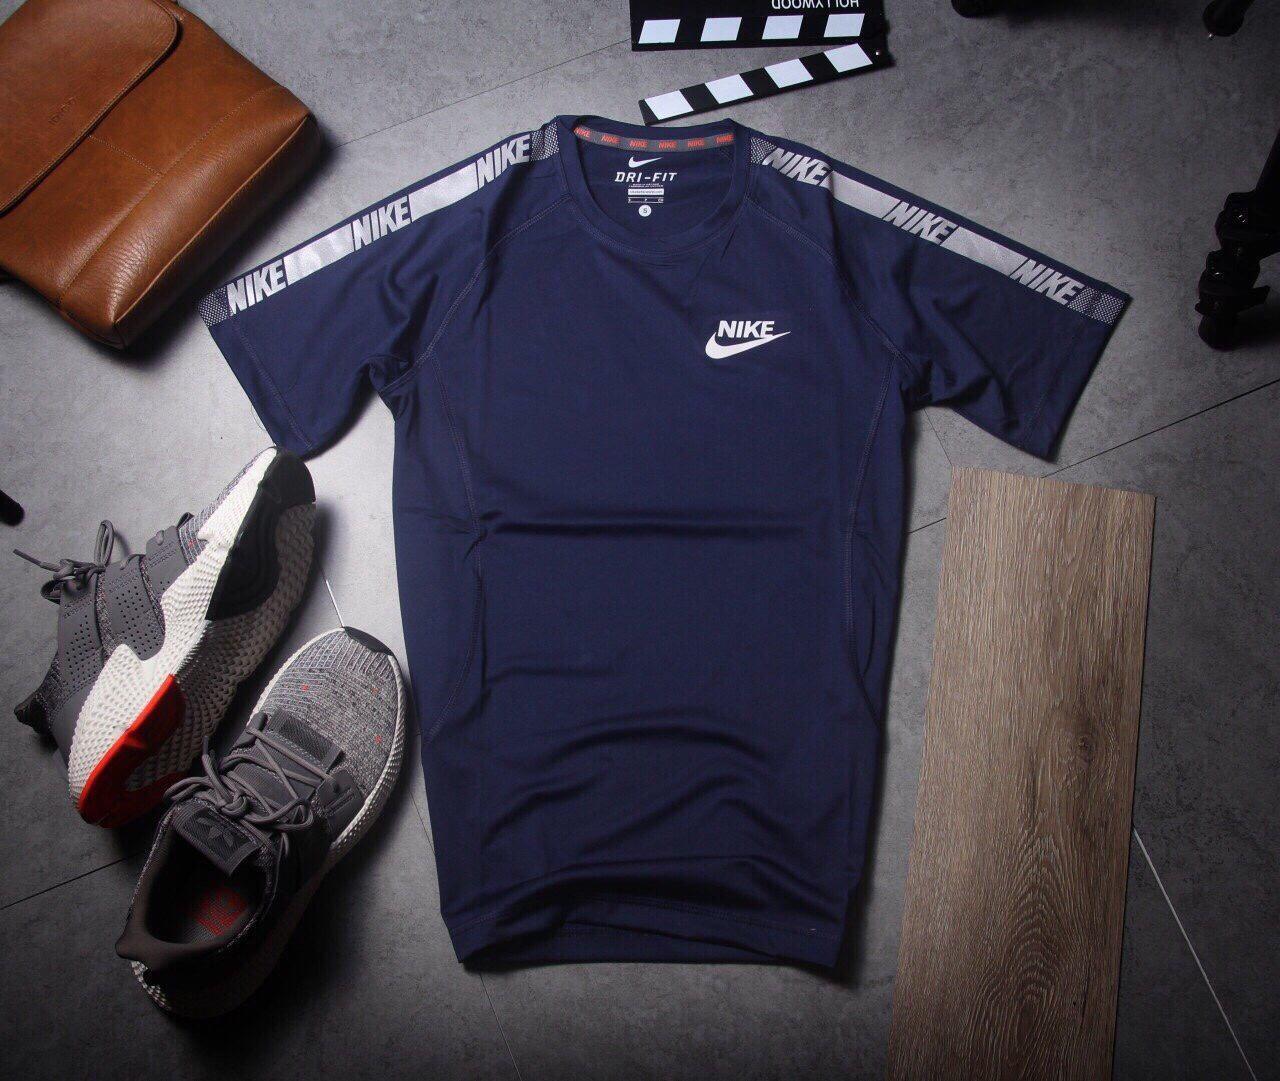 Bán Áo thun thể thao nam Pro Sport NK300 - King of sports (Đồ tập, quần áo tập gym, thể dục,thể hình, Yoga cao cấp, Hàng VNXK)